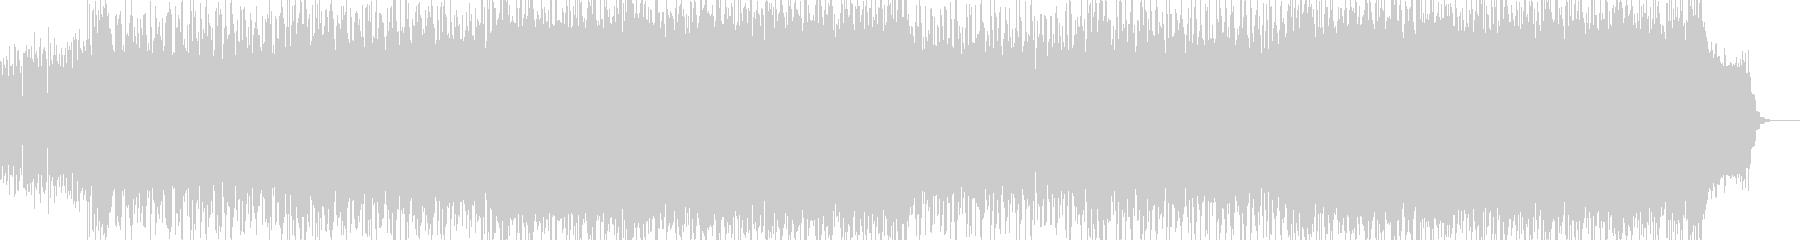 8ビートのエレクトロ、シリアス-03の未再生の波形